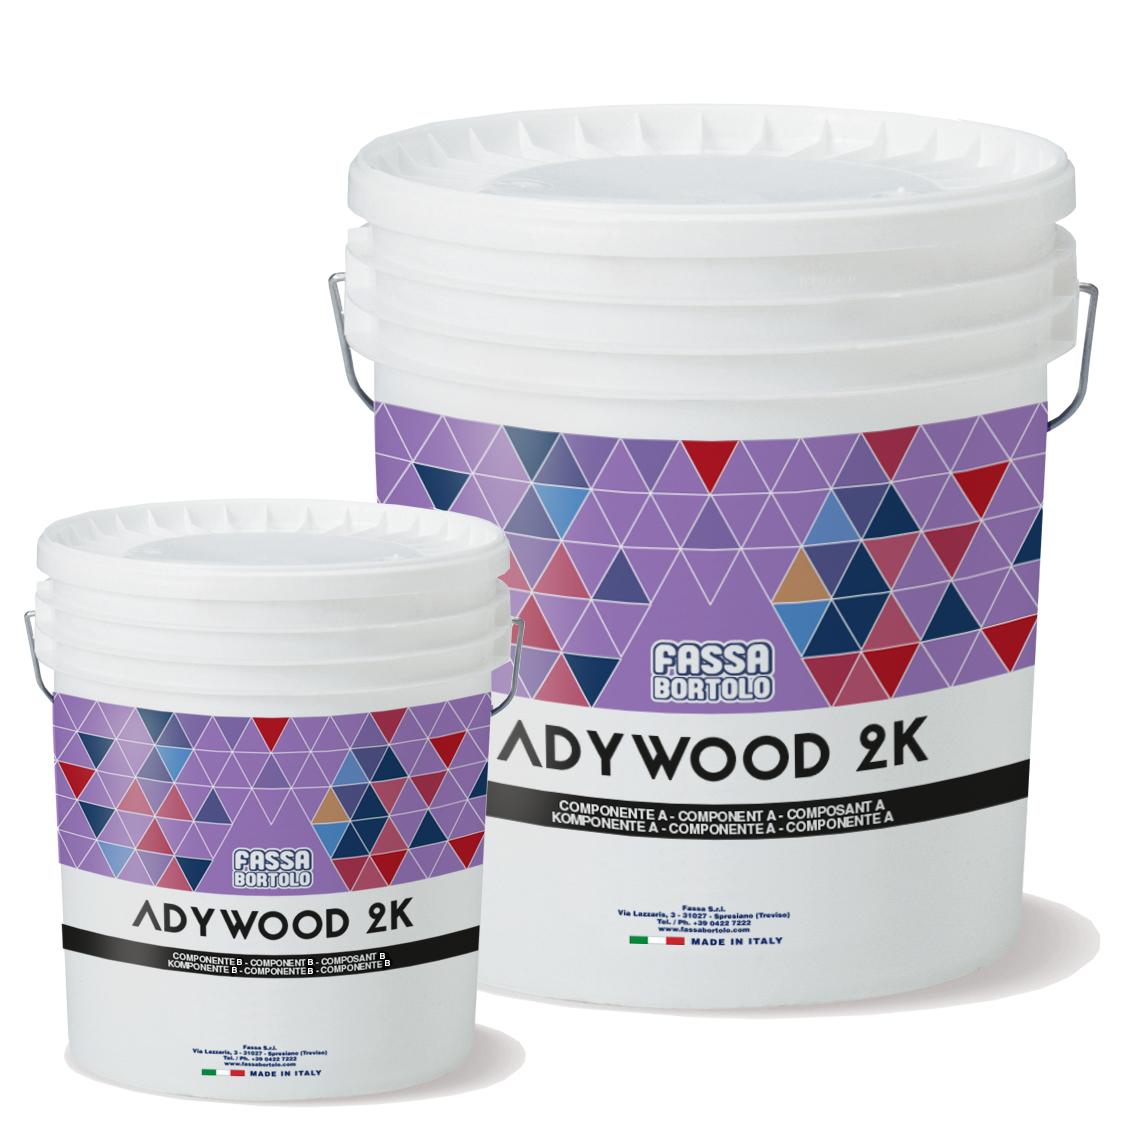 ADYWOOD 2K